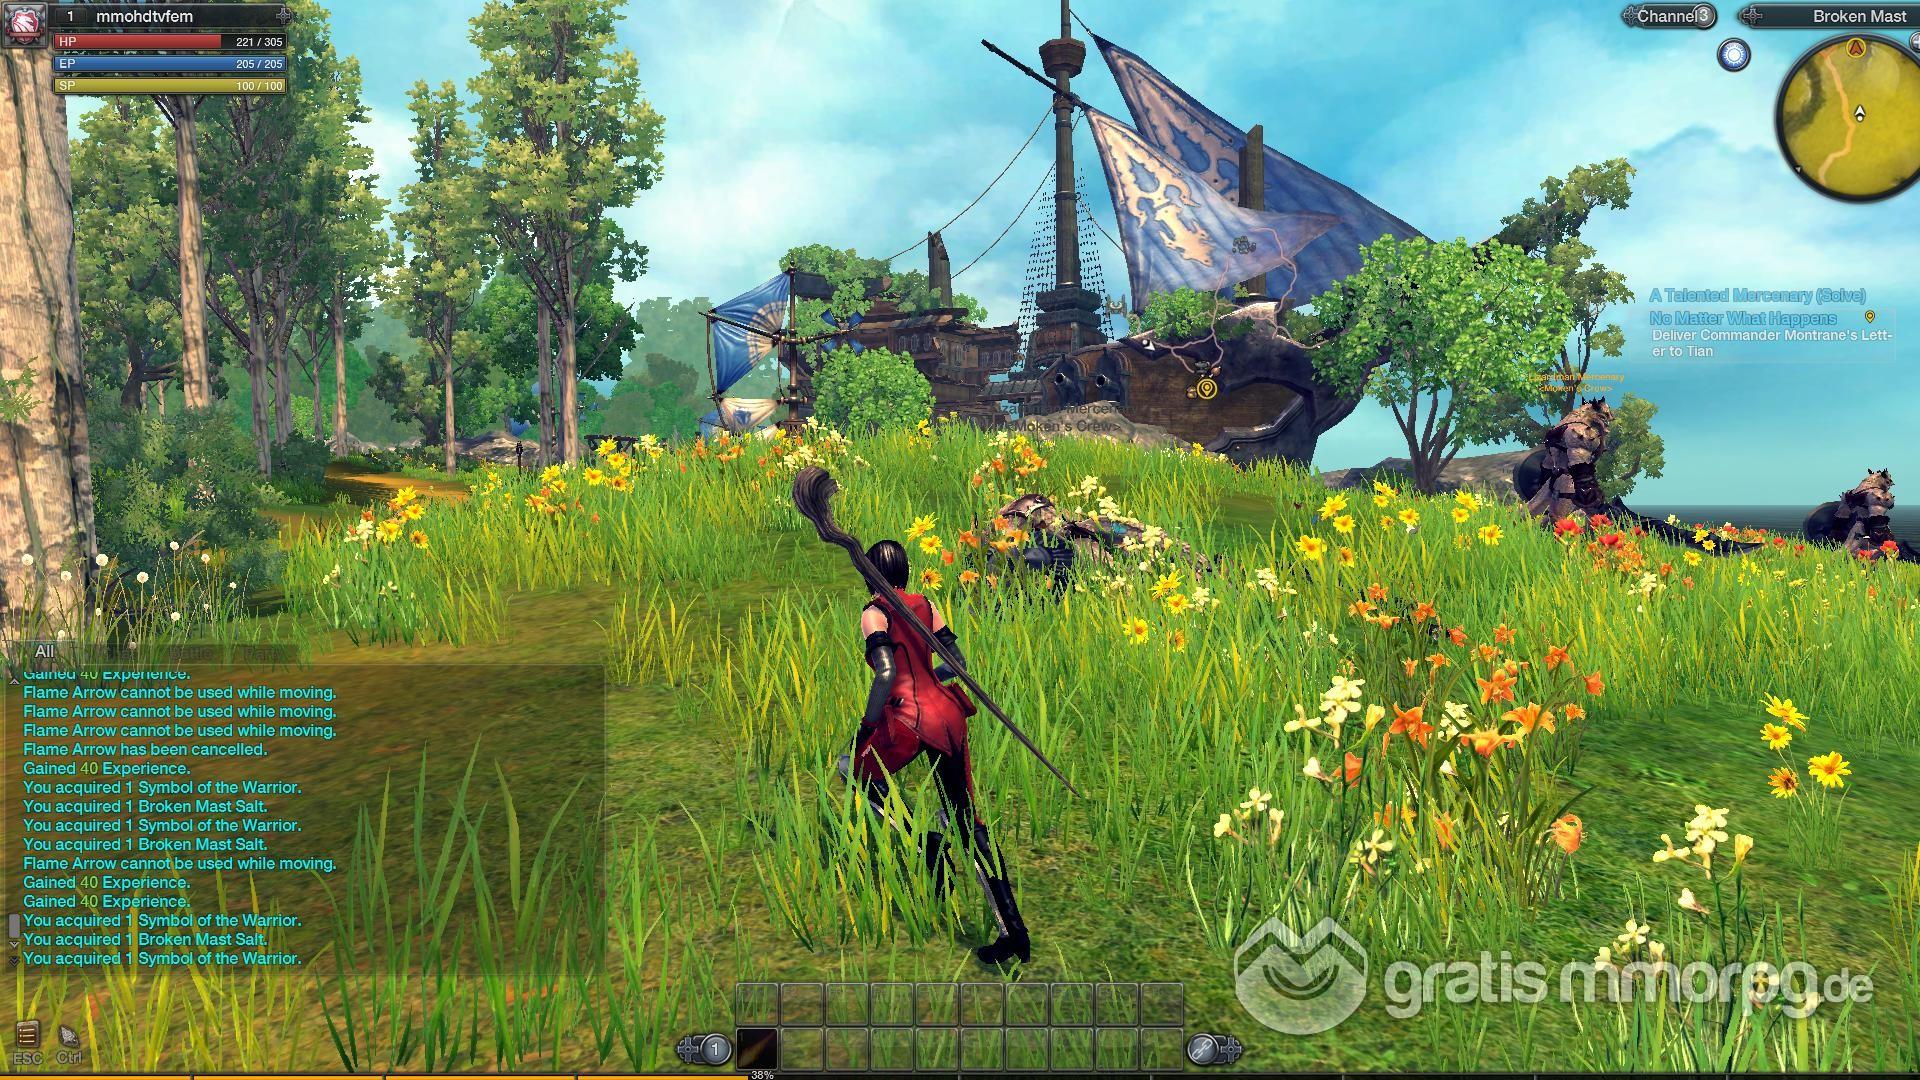 Klicke auf die Grafik für eine größere AnsichtName:RaiderZ exclusive screenshots (2).jpgHits:32Größe:786,0 KBID:7883